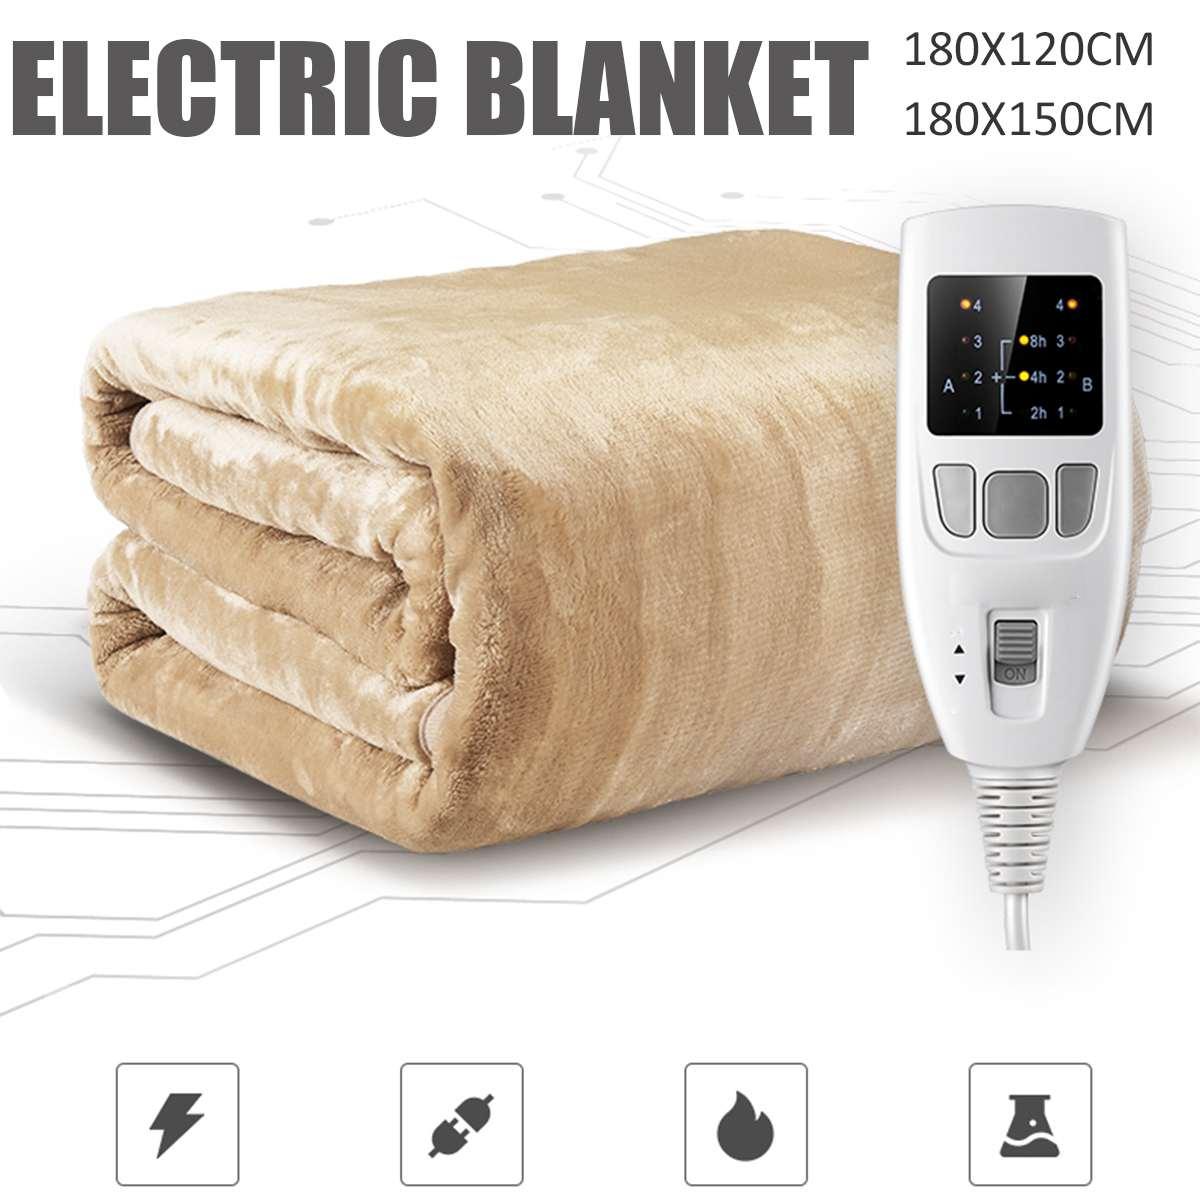 1.2/1.8M couverture électrique plus épais Double chauffages corps plus chaud lit couverture chauffante ménage électrique matelas doux tapis garder plus chaud